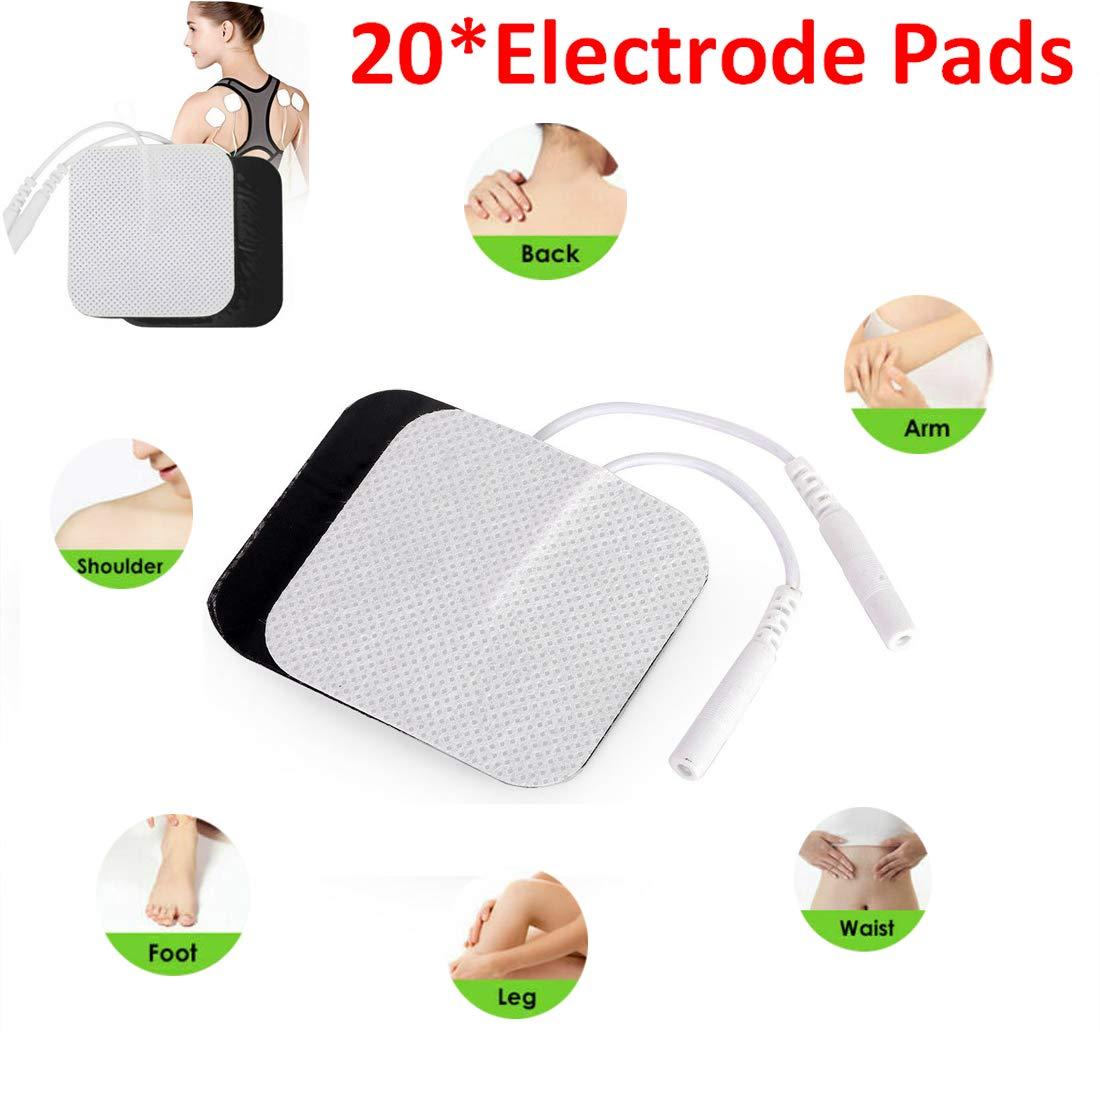 wiederverwendbaren Elektrodenpolstern zur Stimulation der Muskelerm/üdung HITECHLIFE 1 Packung mit 20 selbstklebenden